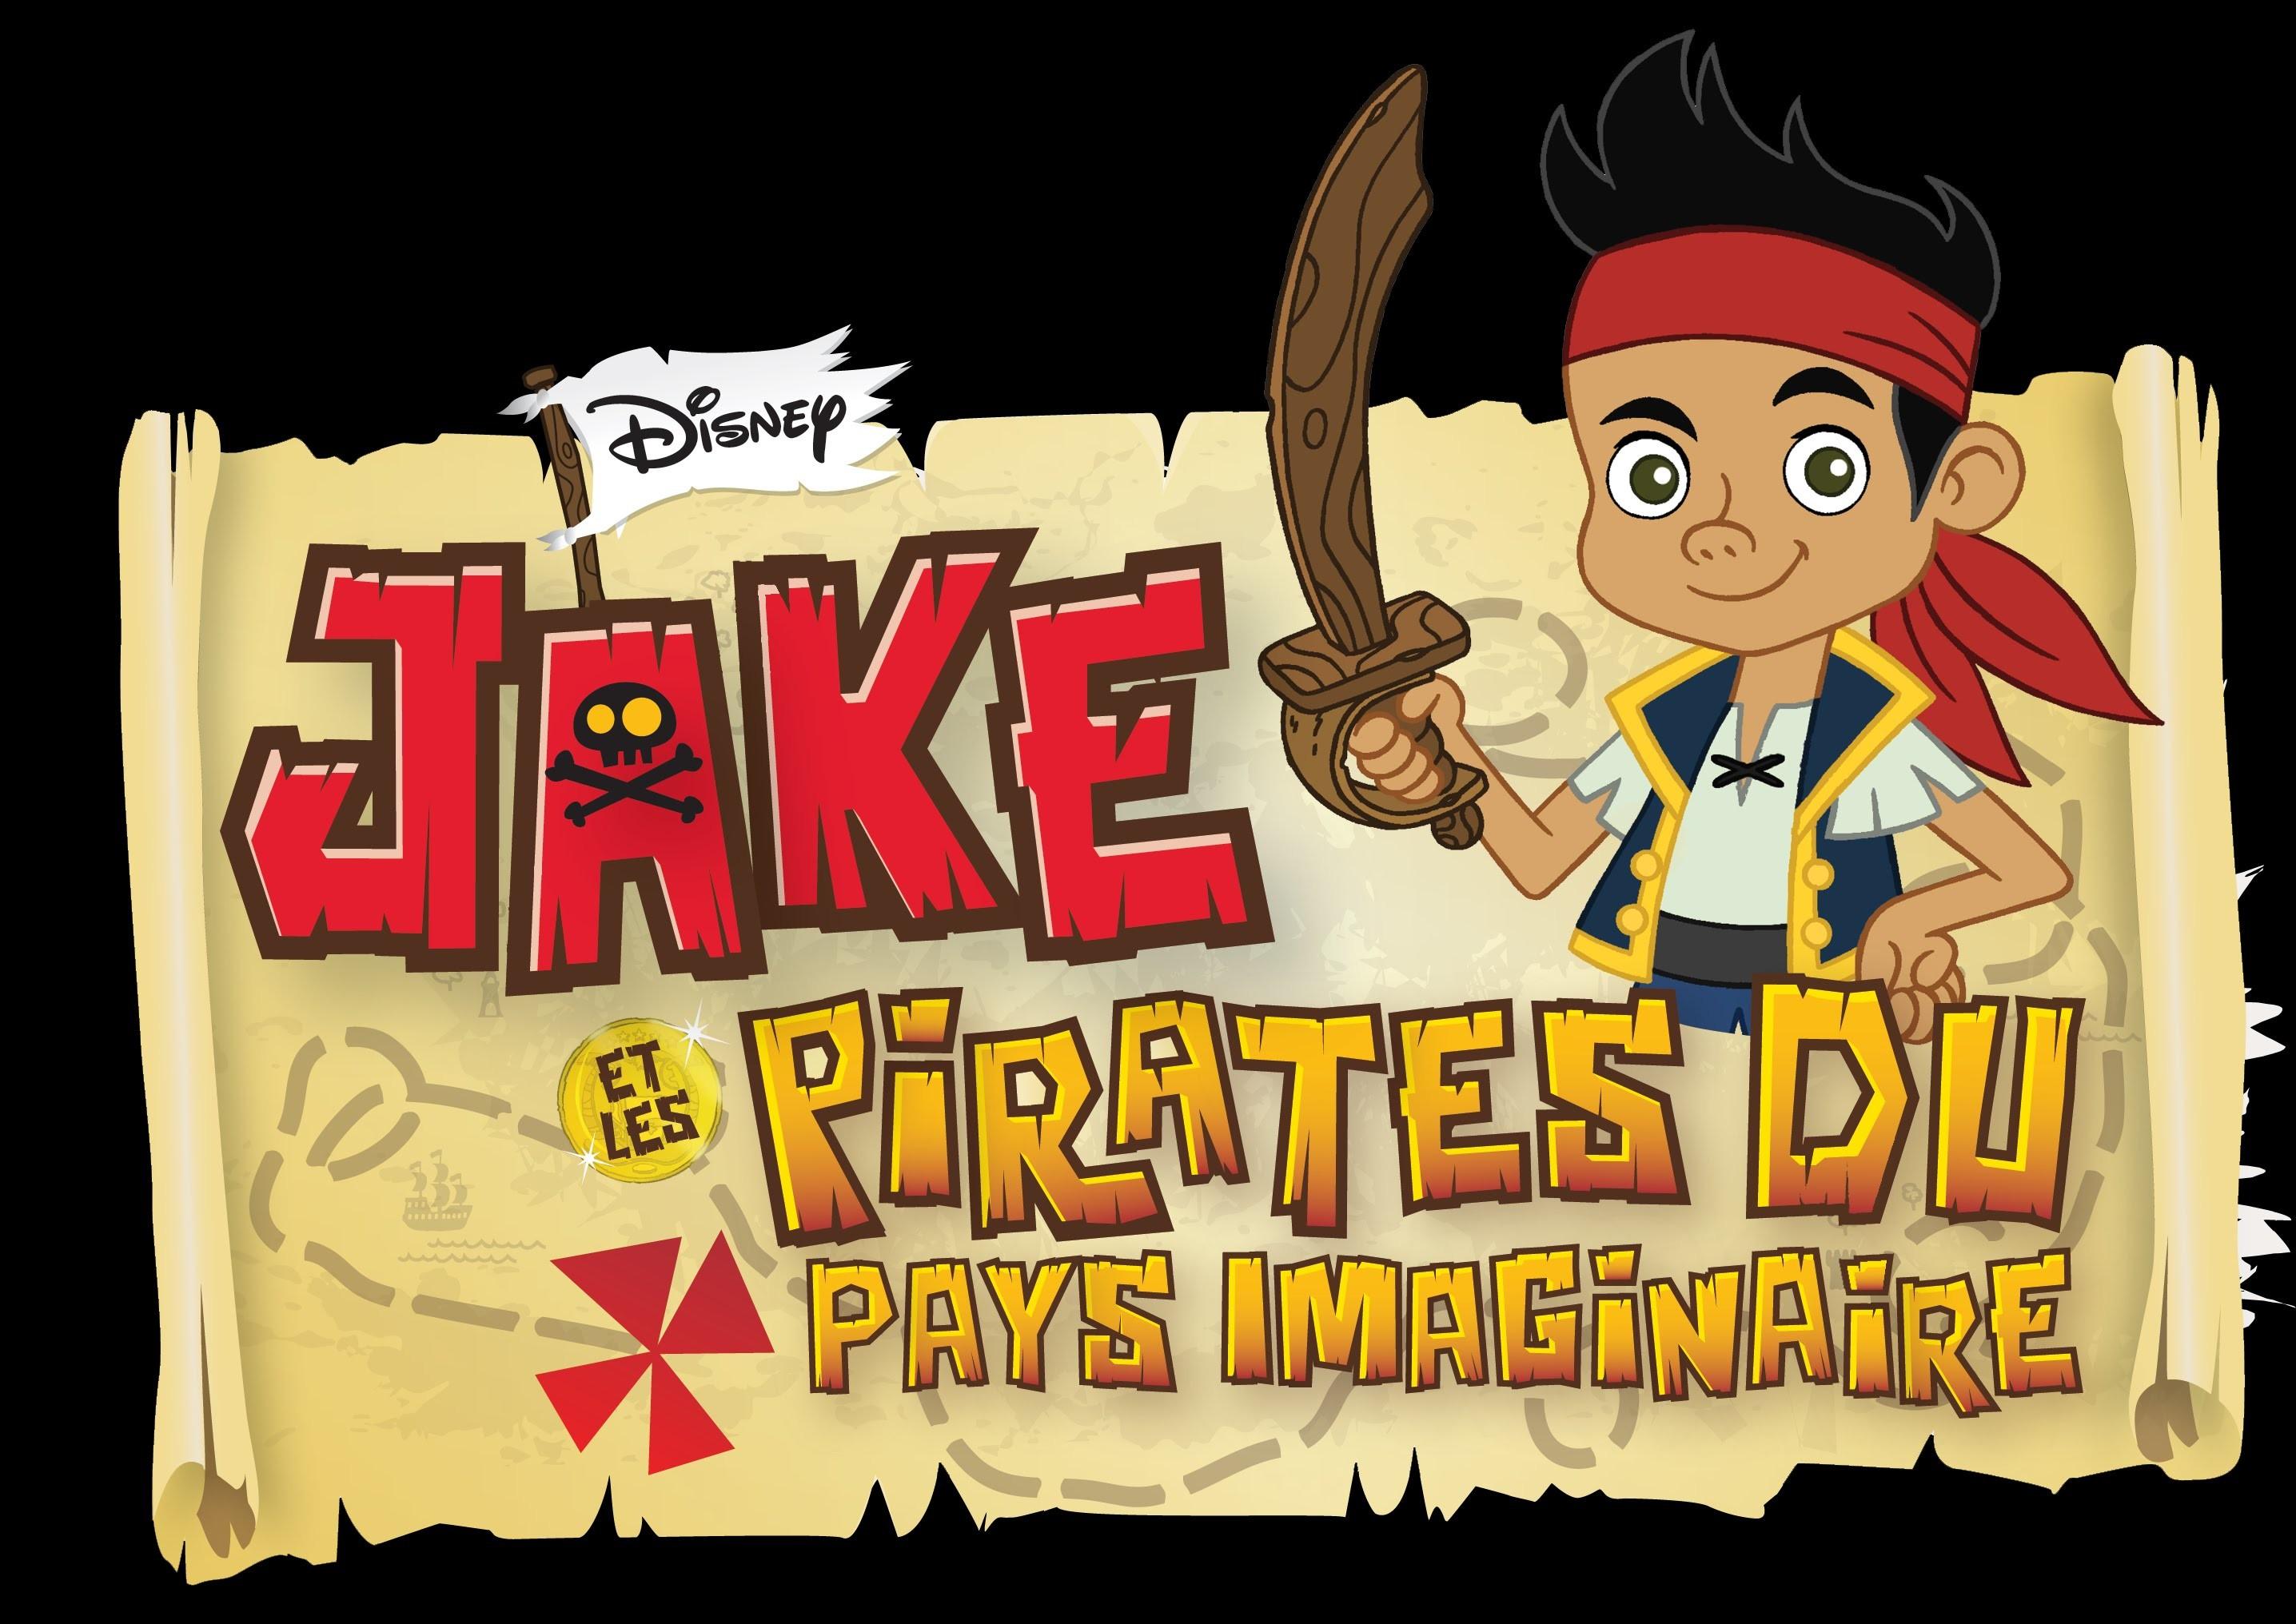 Jake et les pirates le lagon du capitaine crochet + bucky sous les mers